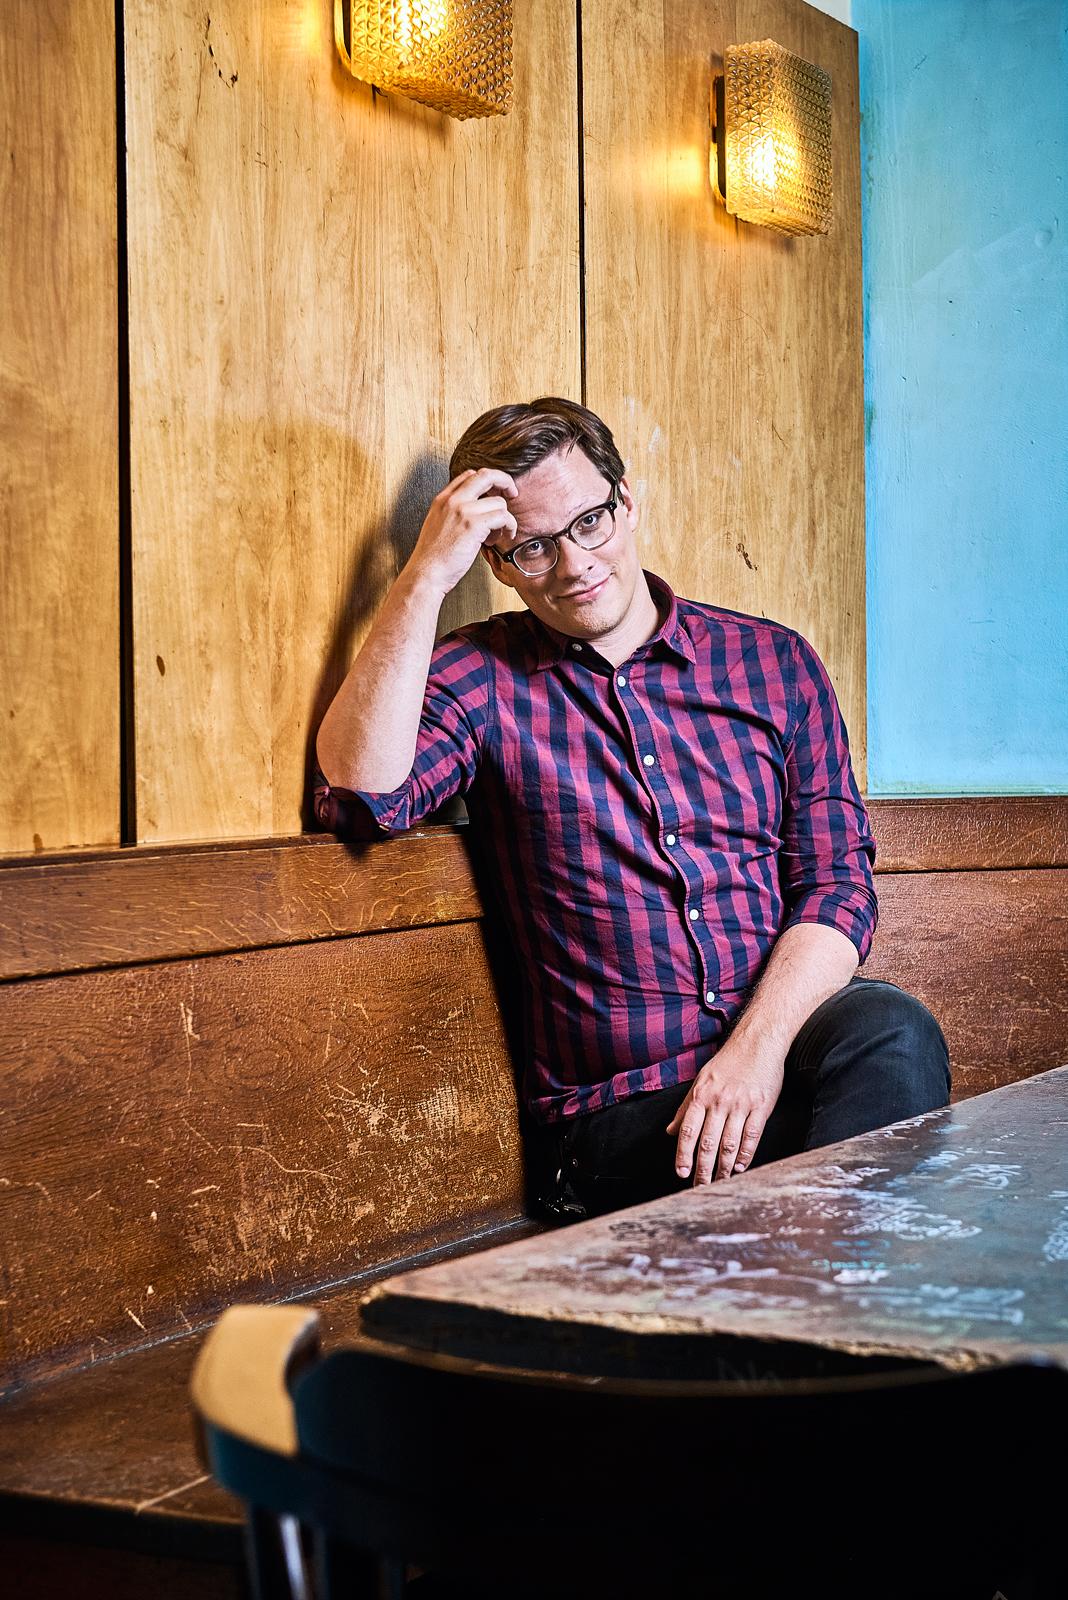 Das Bild zeigt Martin Hommel. Er sitzt in einer Kneipe und schaut in die Kamera. Er lächelt.